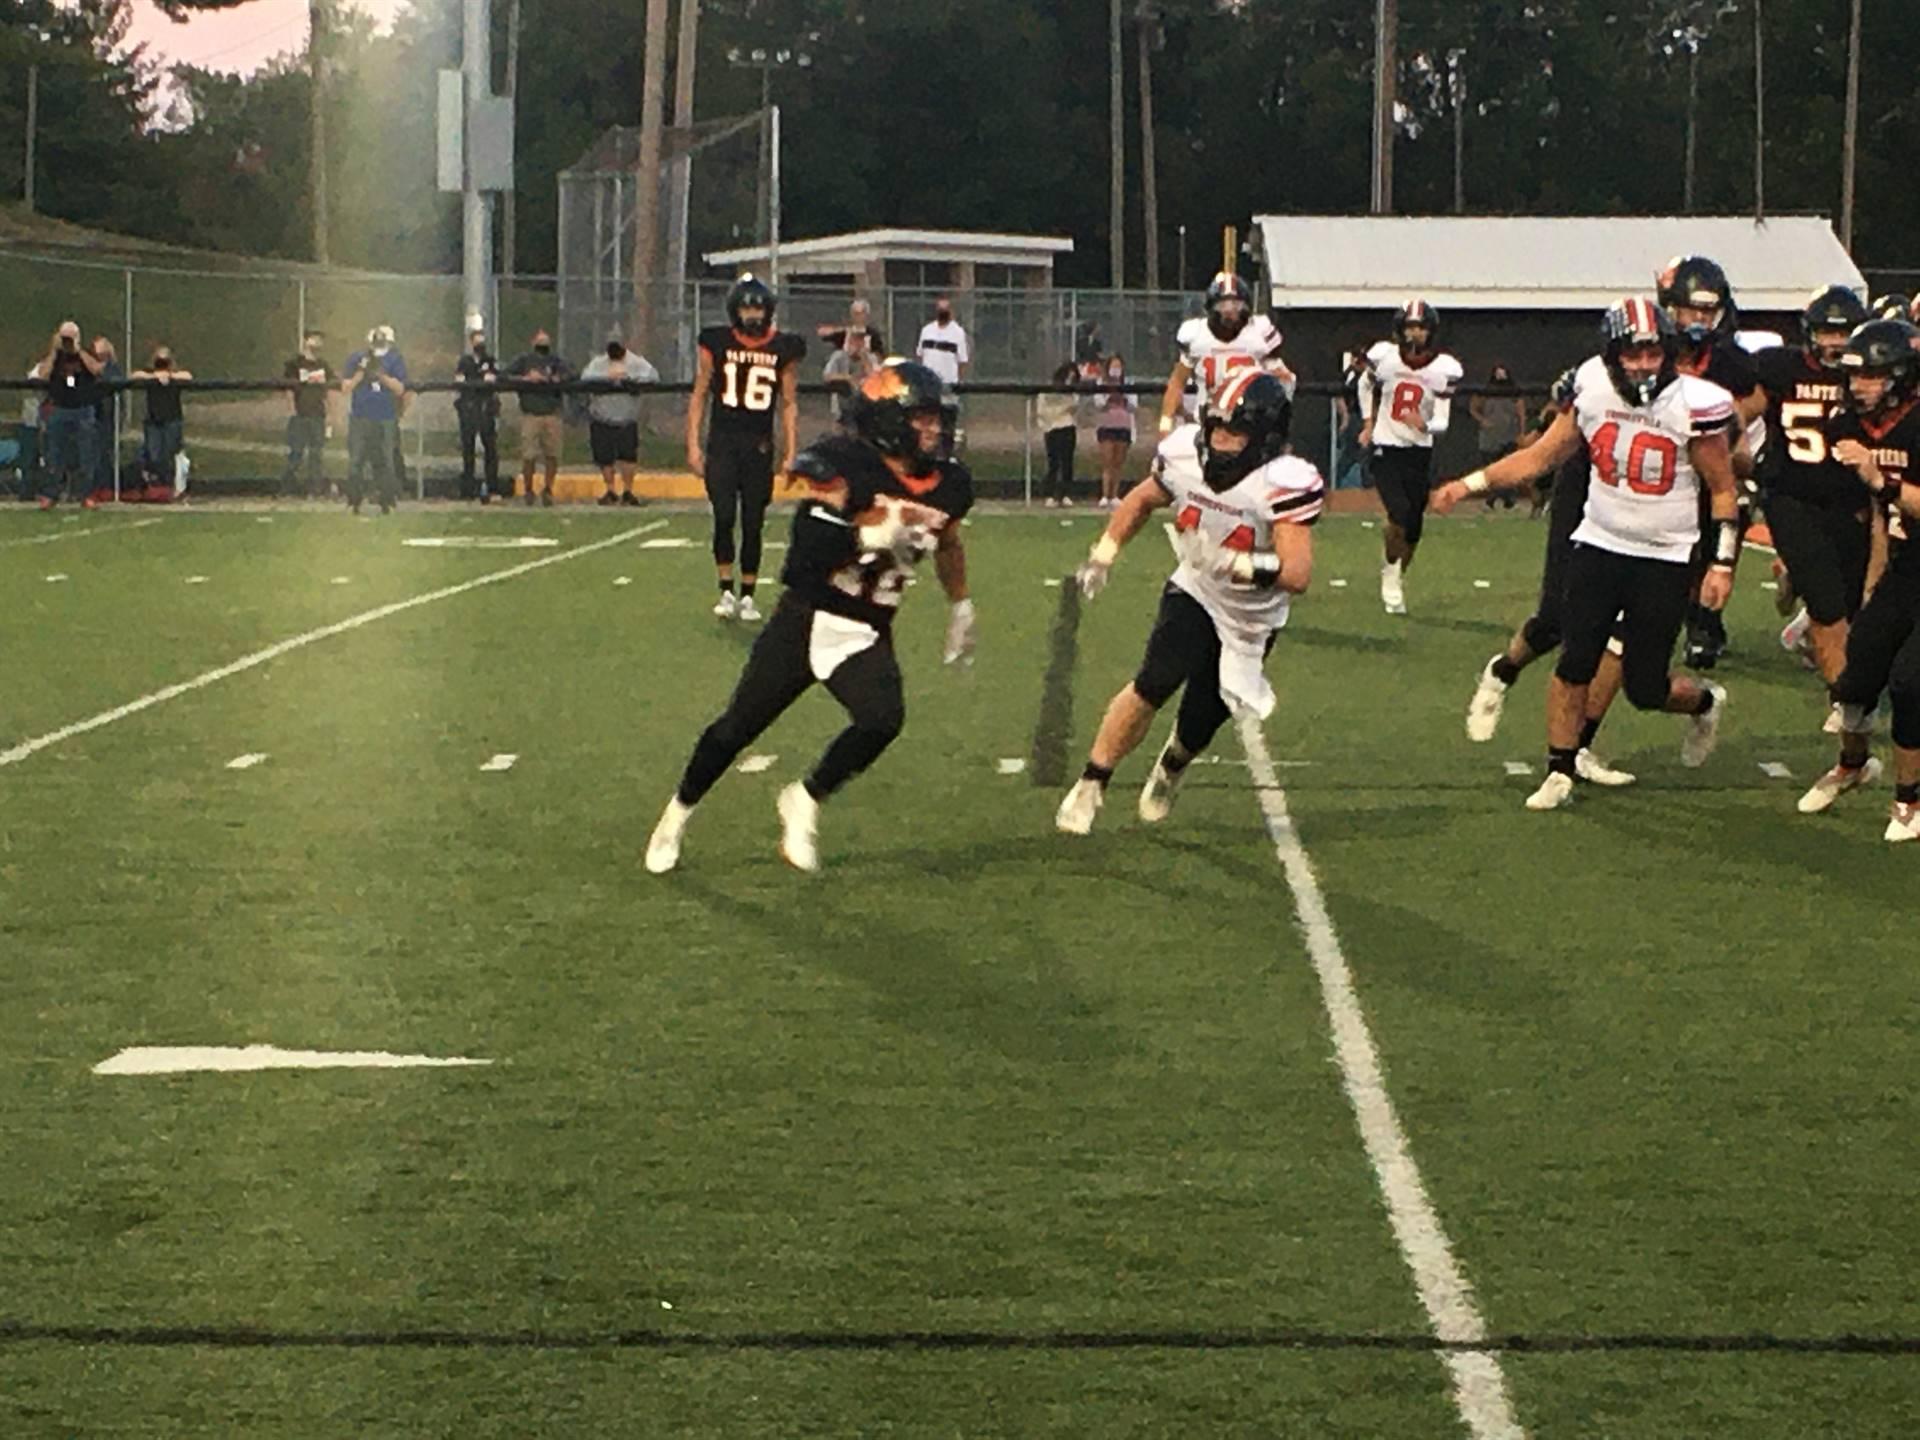 Varsity Football taking on Crooksville at Home